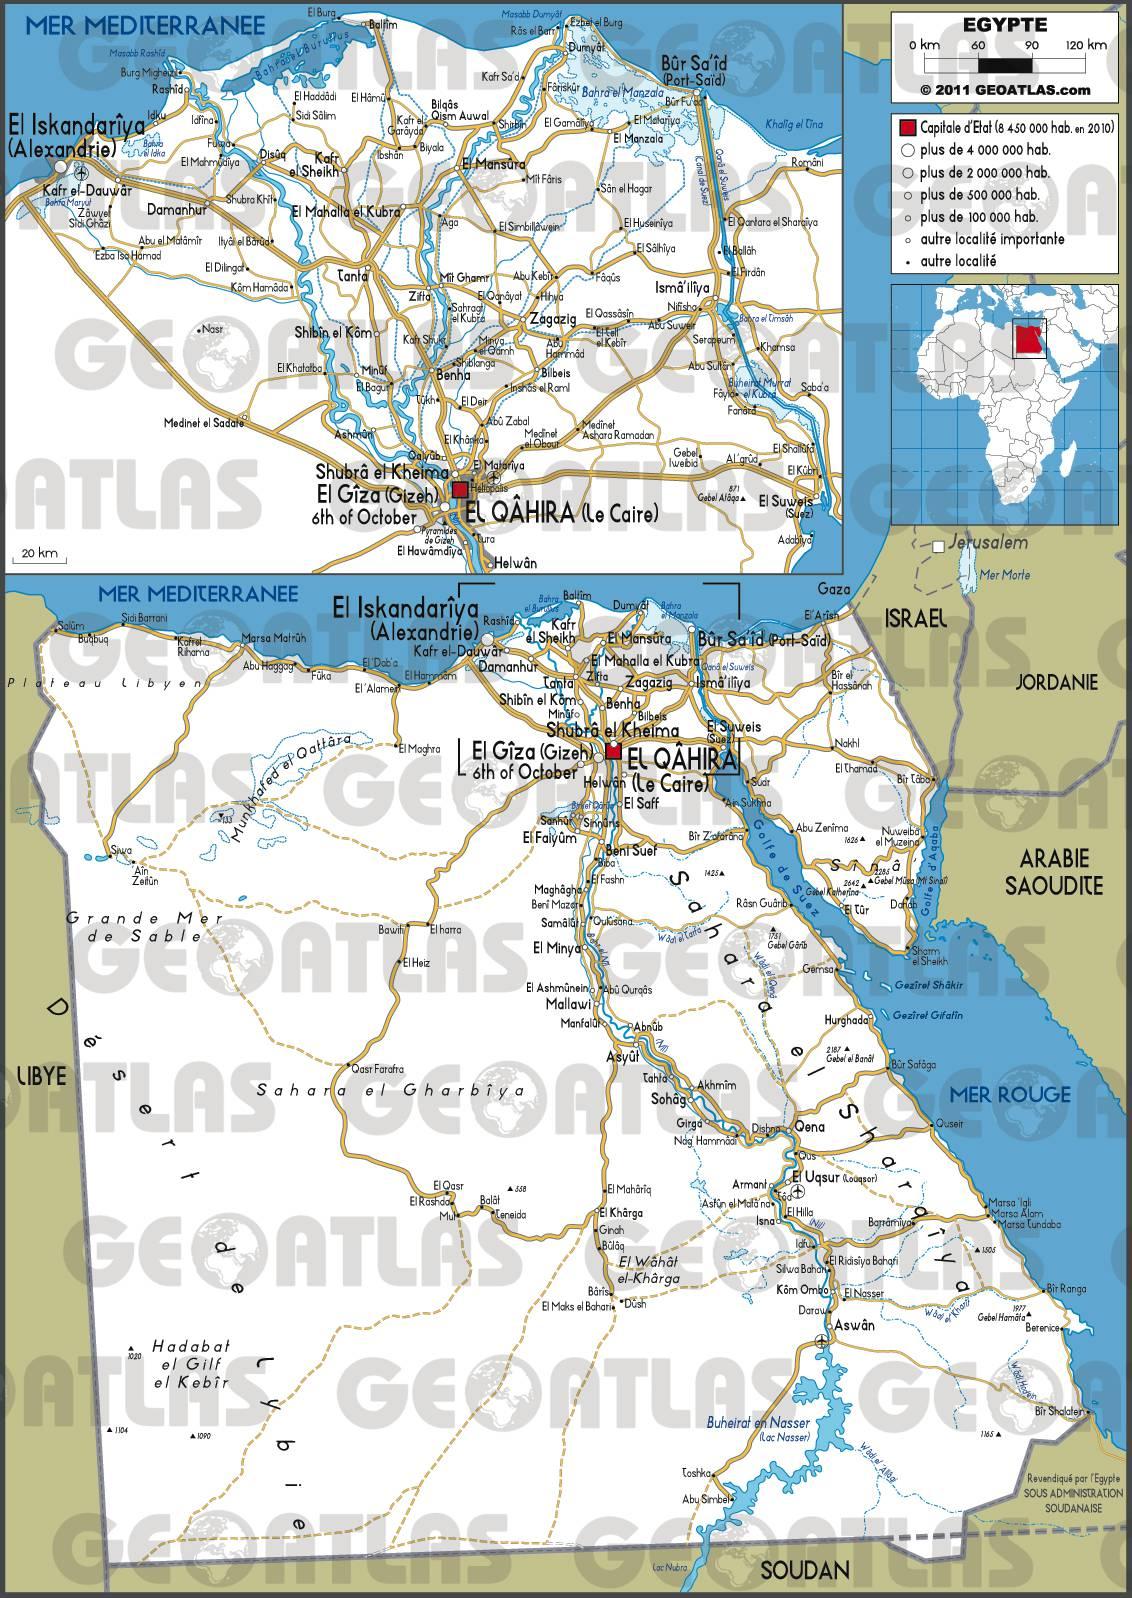 Carte routière de l'Egypte